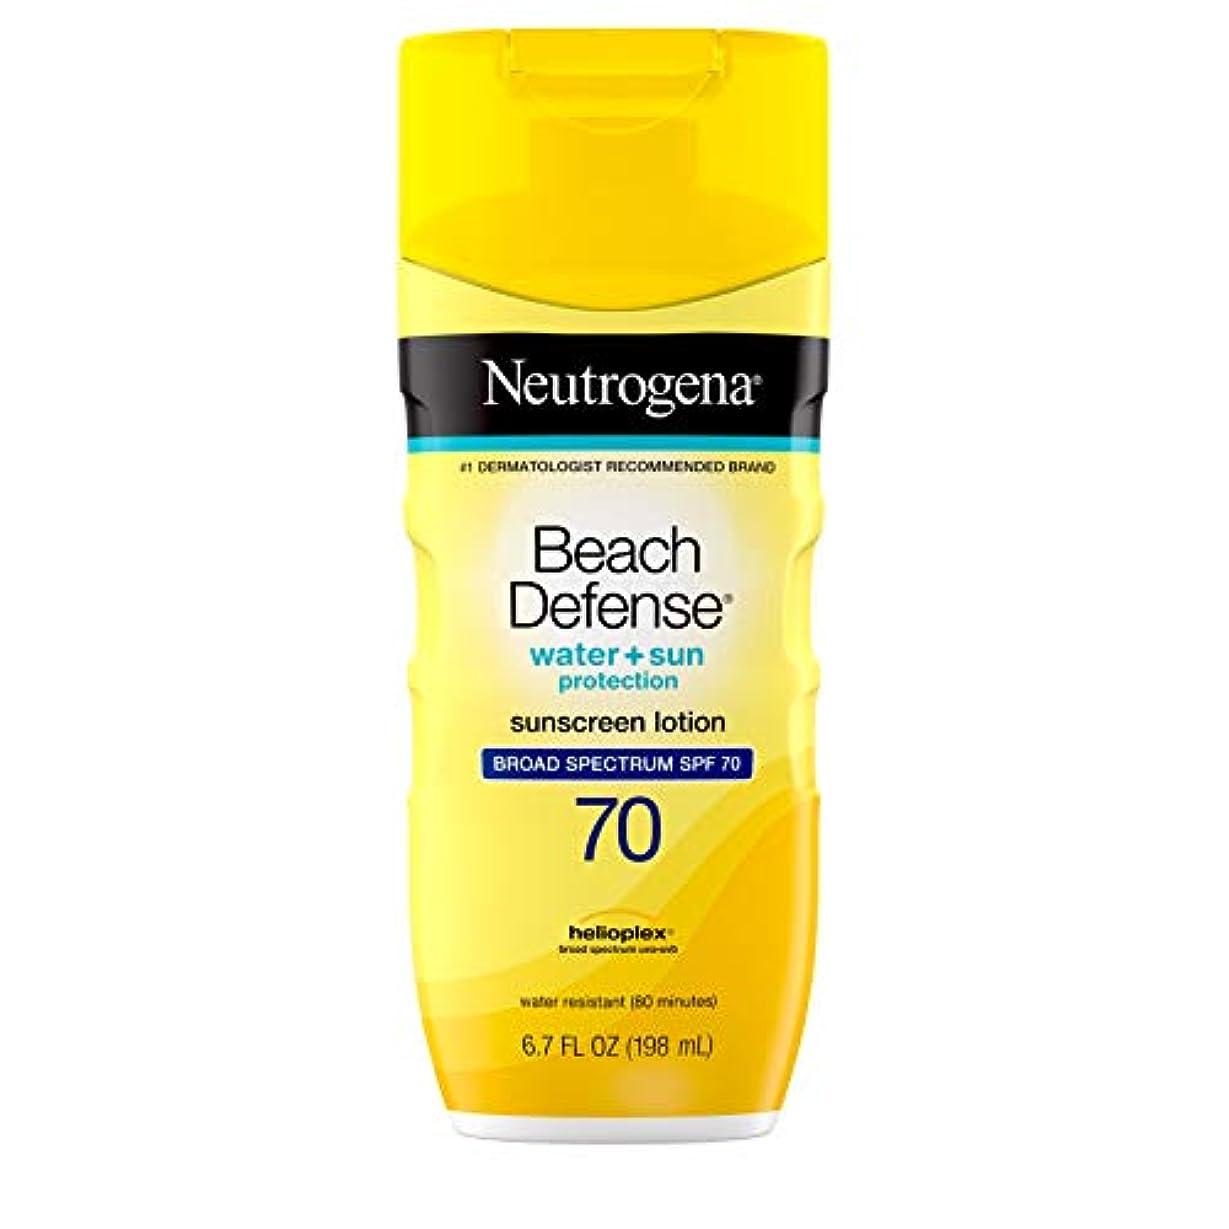 リッチ解釈的スペース海外直送品Neutrogena Neutrogena Beach Defense Lotion SPF 70, 6.7 oz